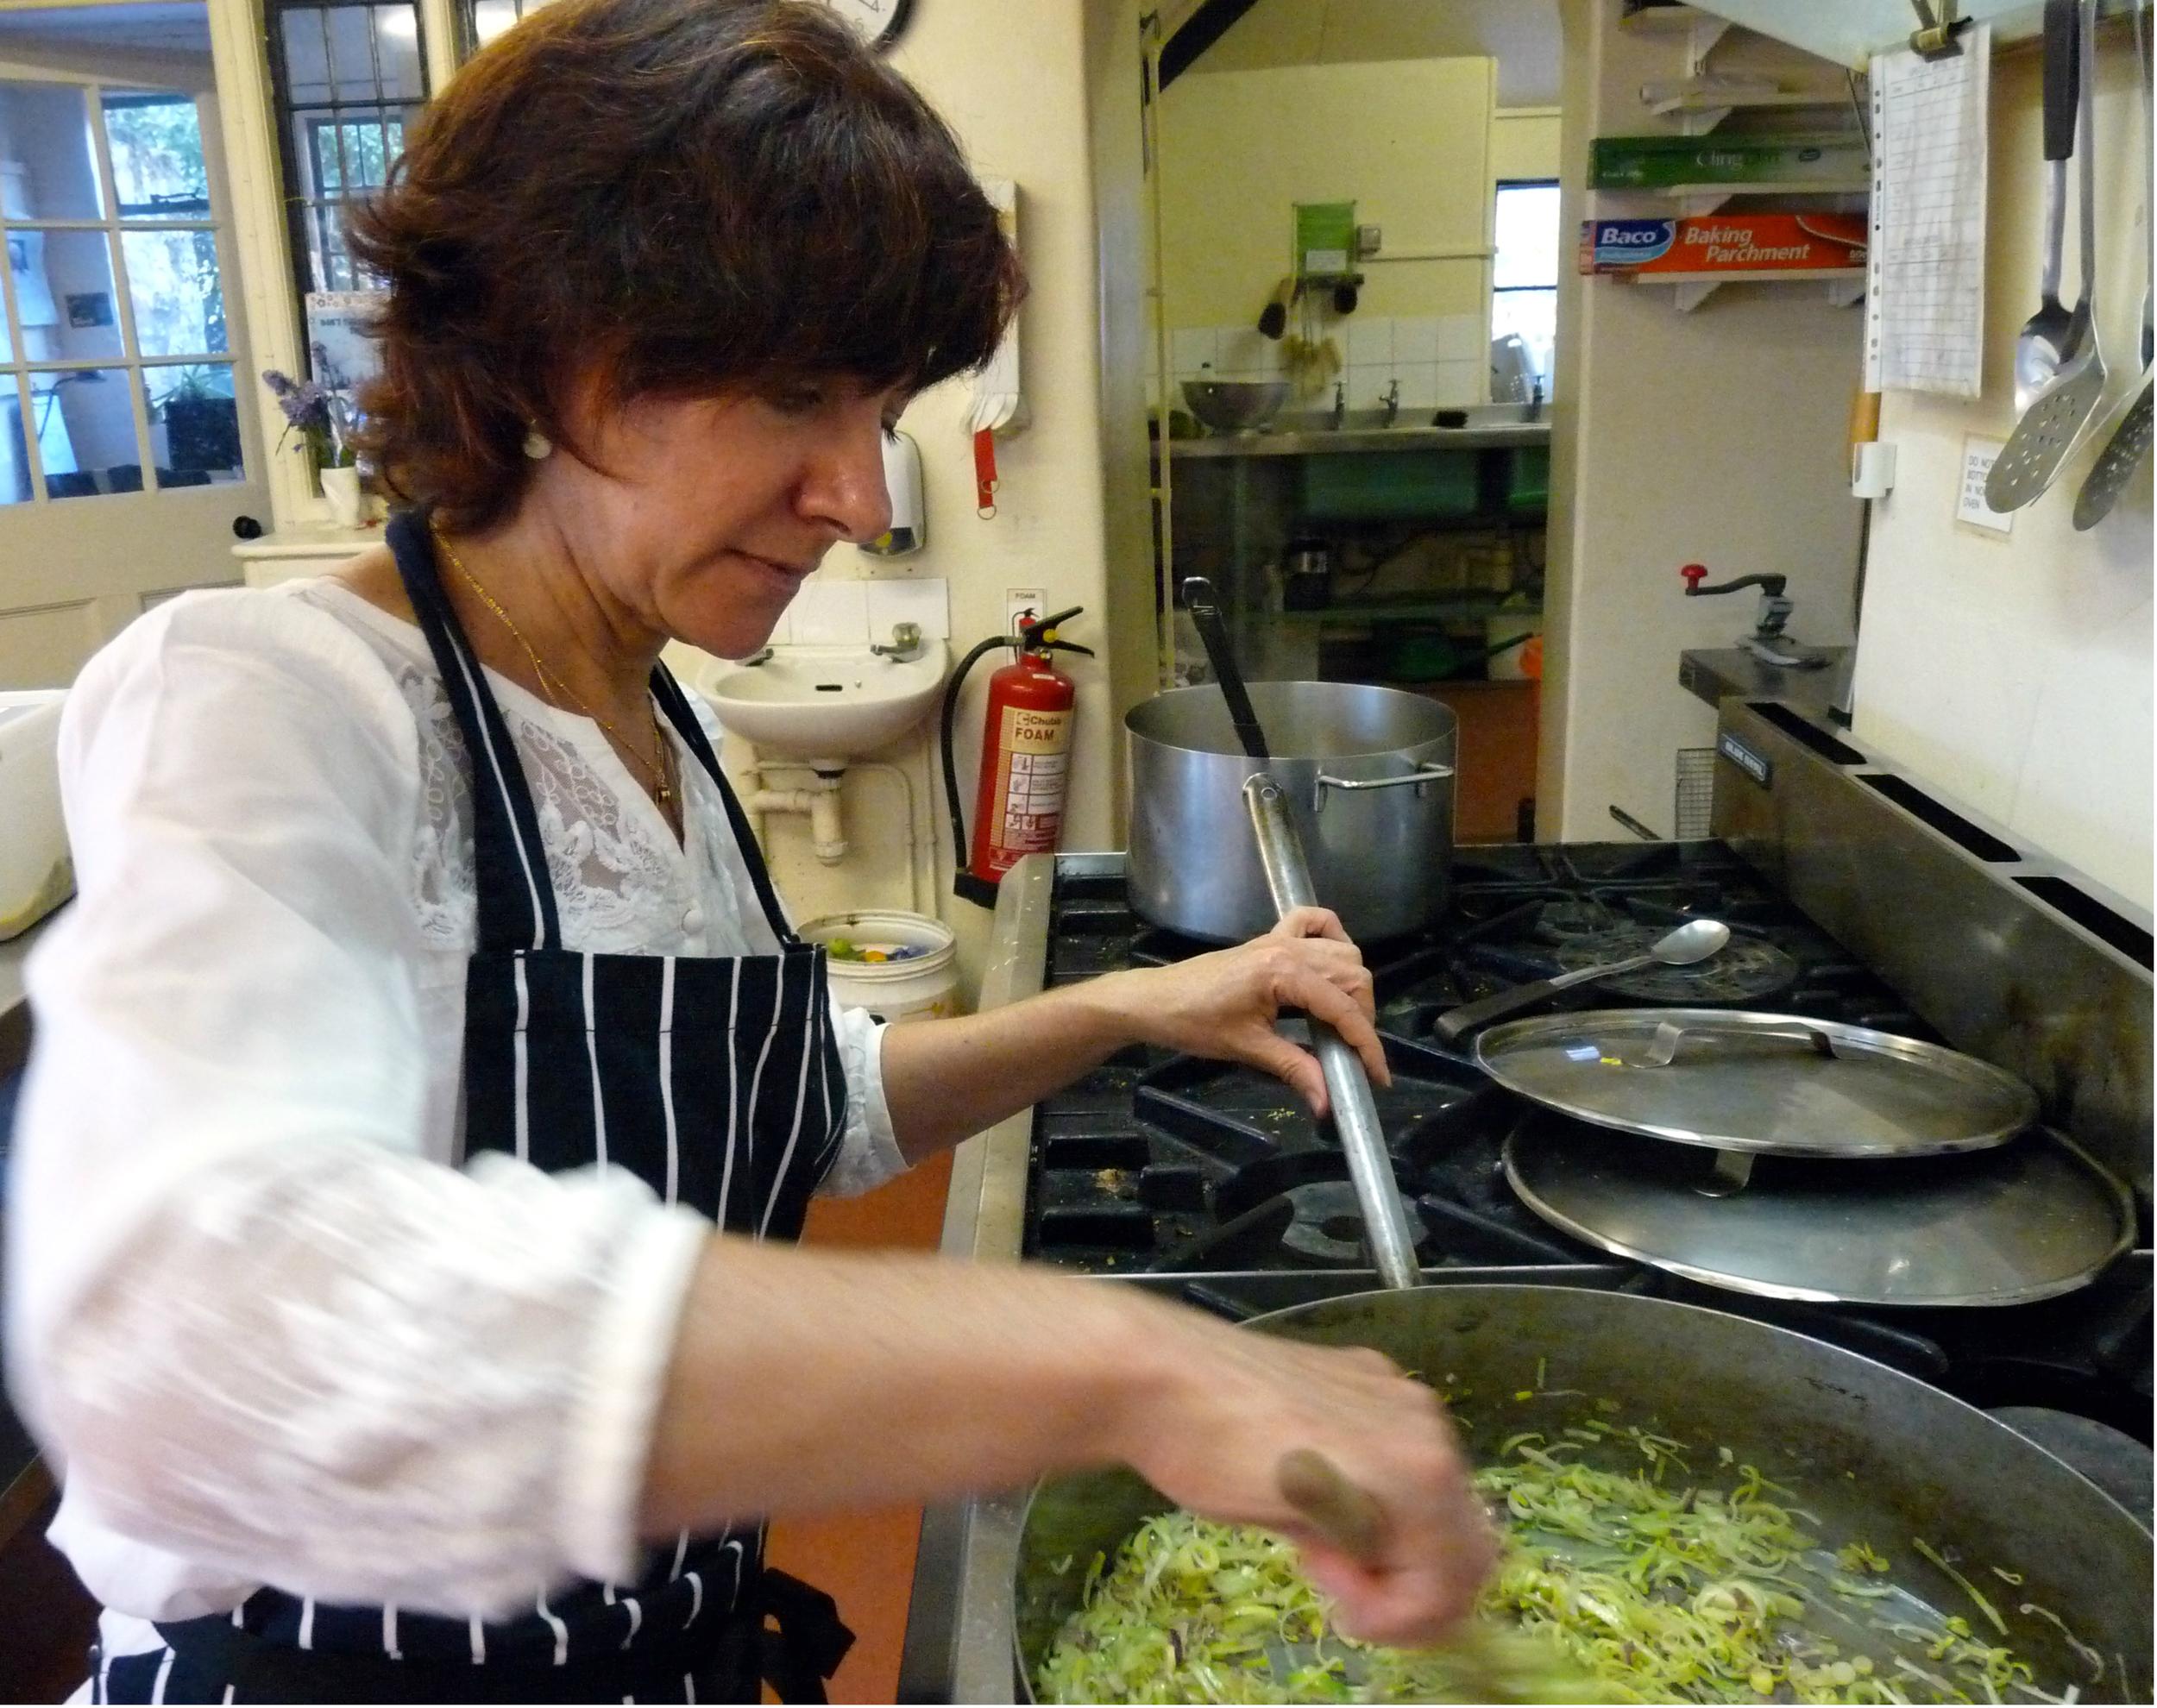 Cozinhar, uma das atividades onde mais aprendi e me diverti... compartilhar amor, cuidar de você e do outro, senti a energia do alimento.